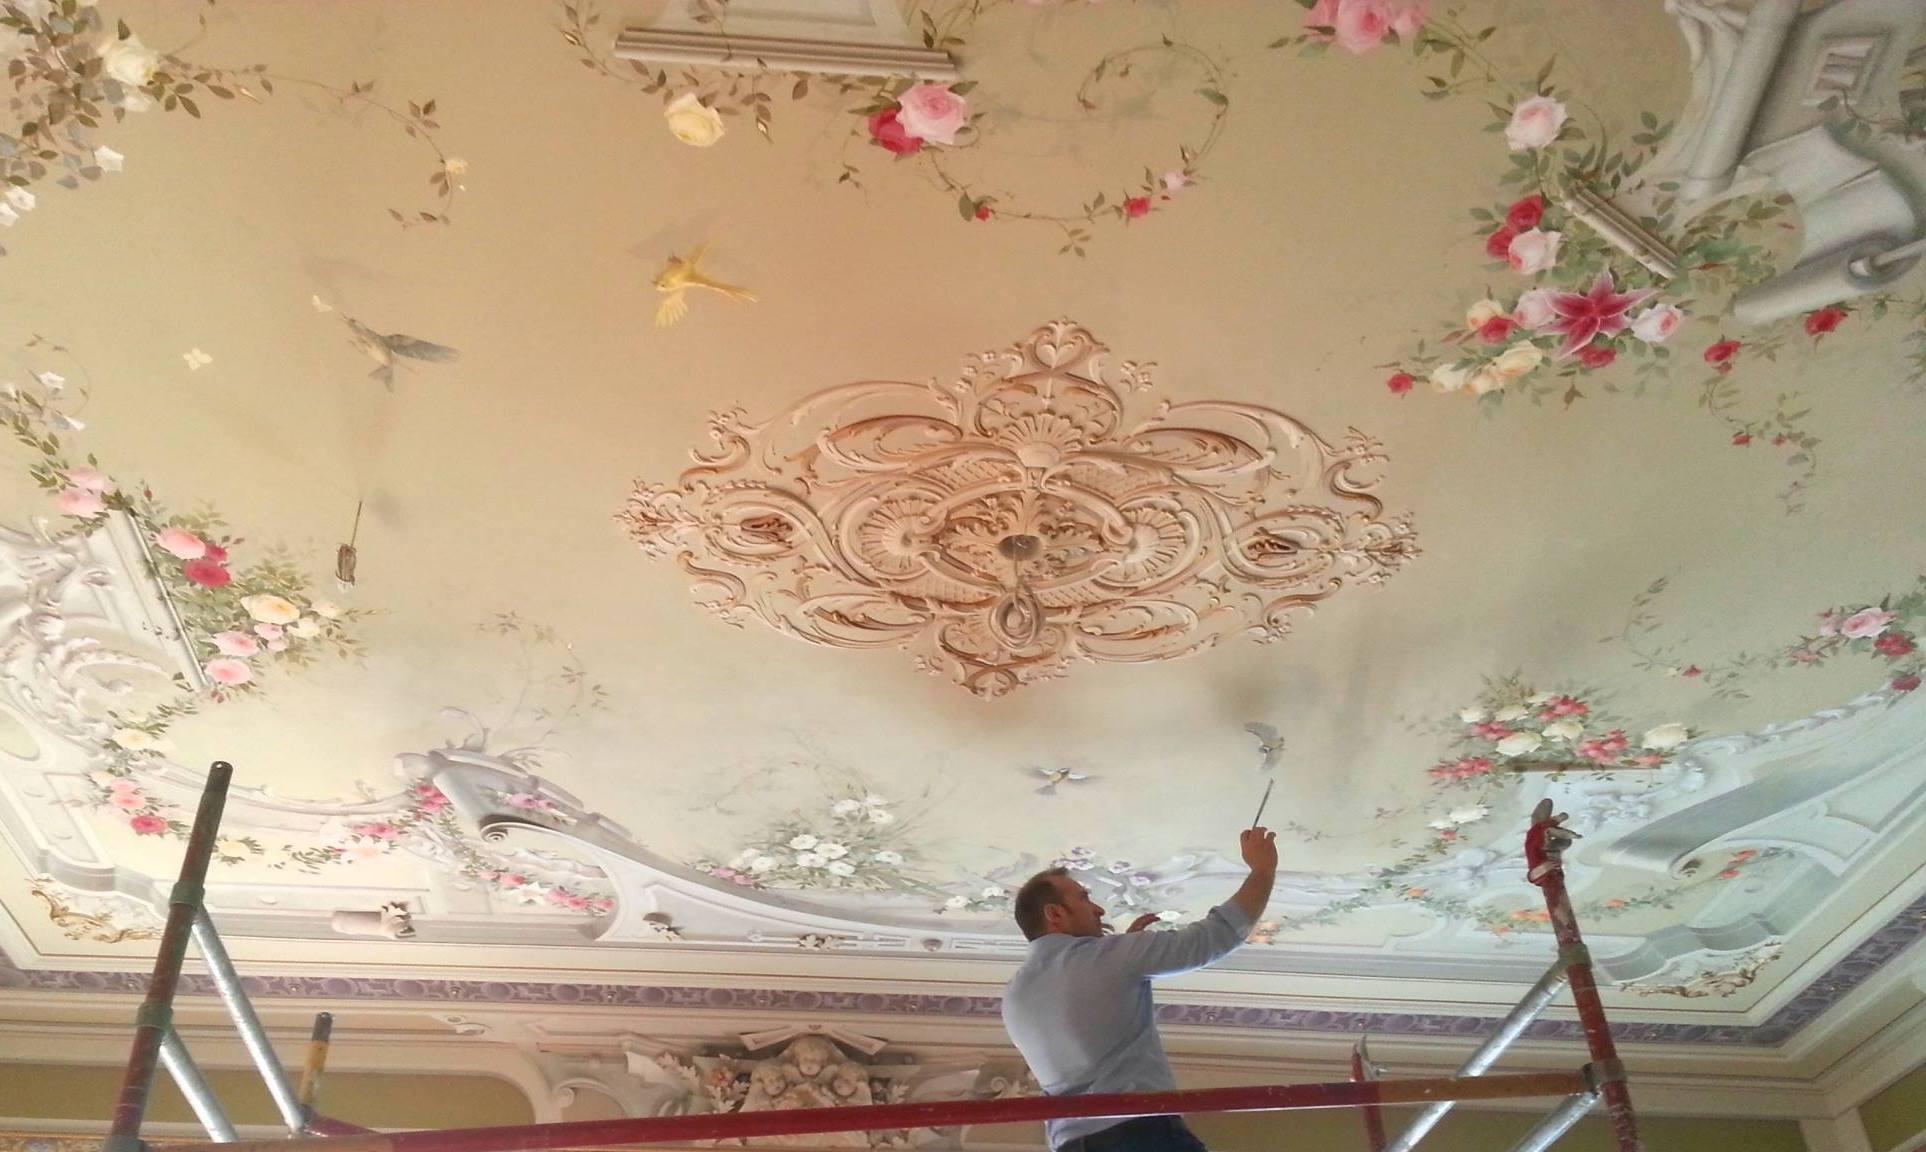 Soffitti A Volta Decorazioni : La decorazione di un soffitto utilizzando lo stile decorativo